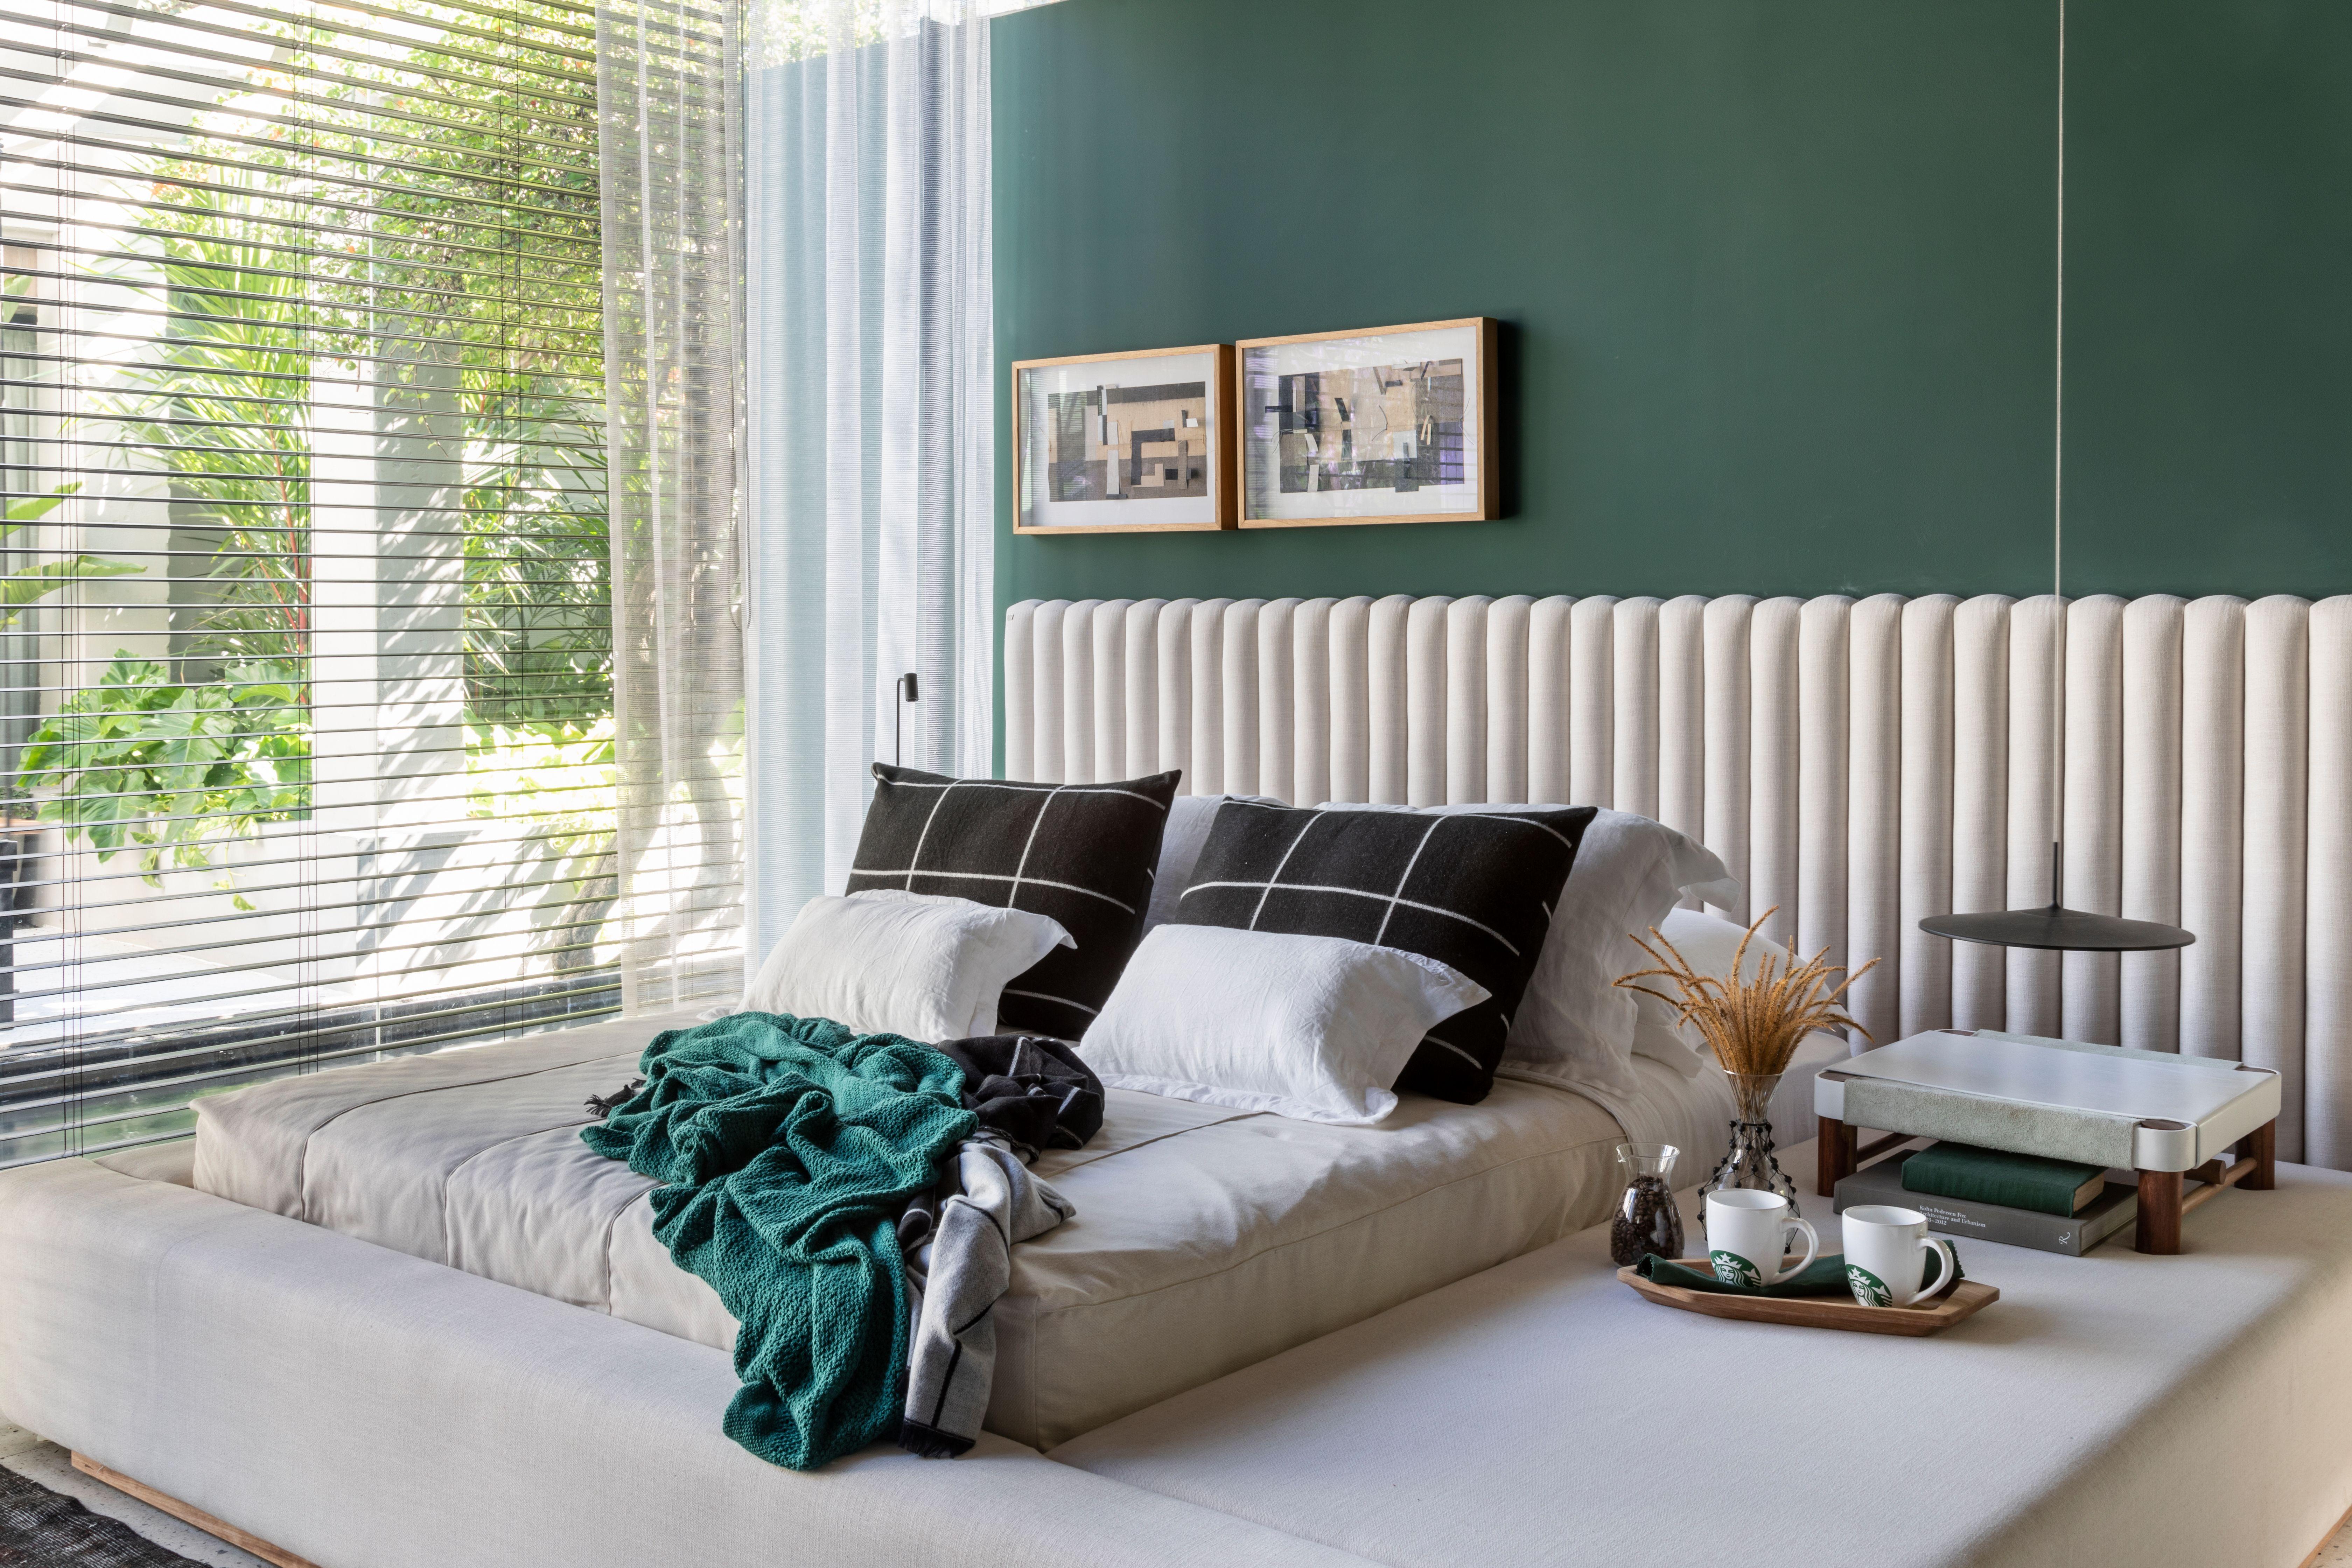 Quarto com parede verde e cama baixa